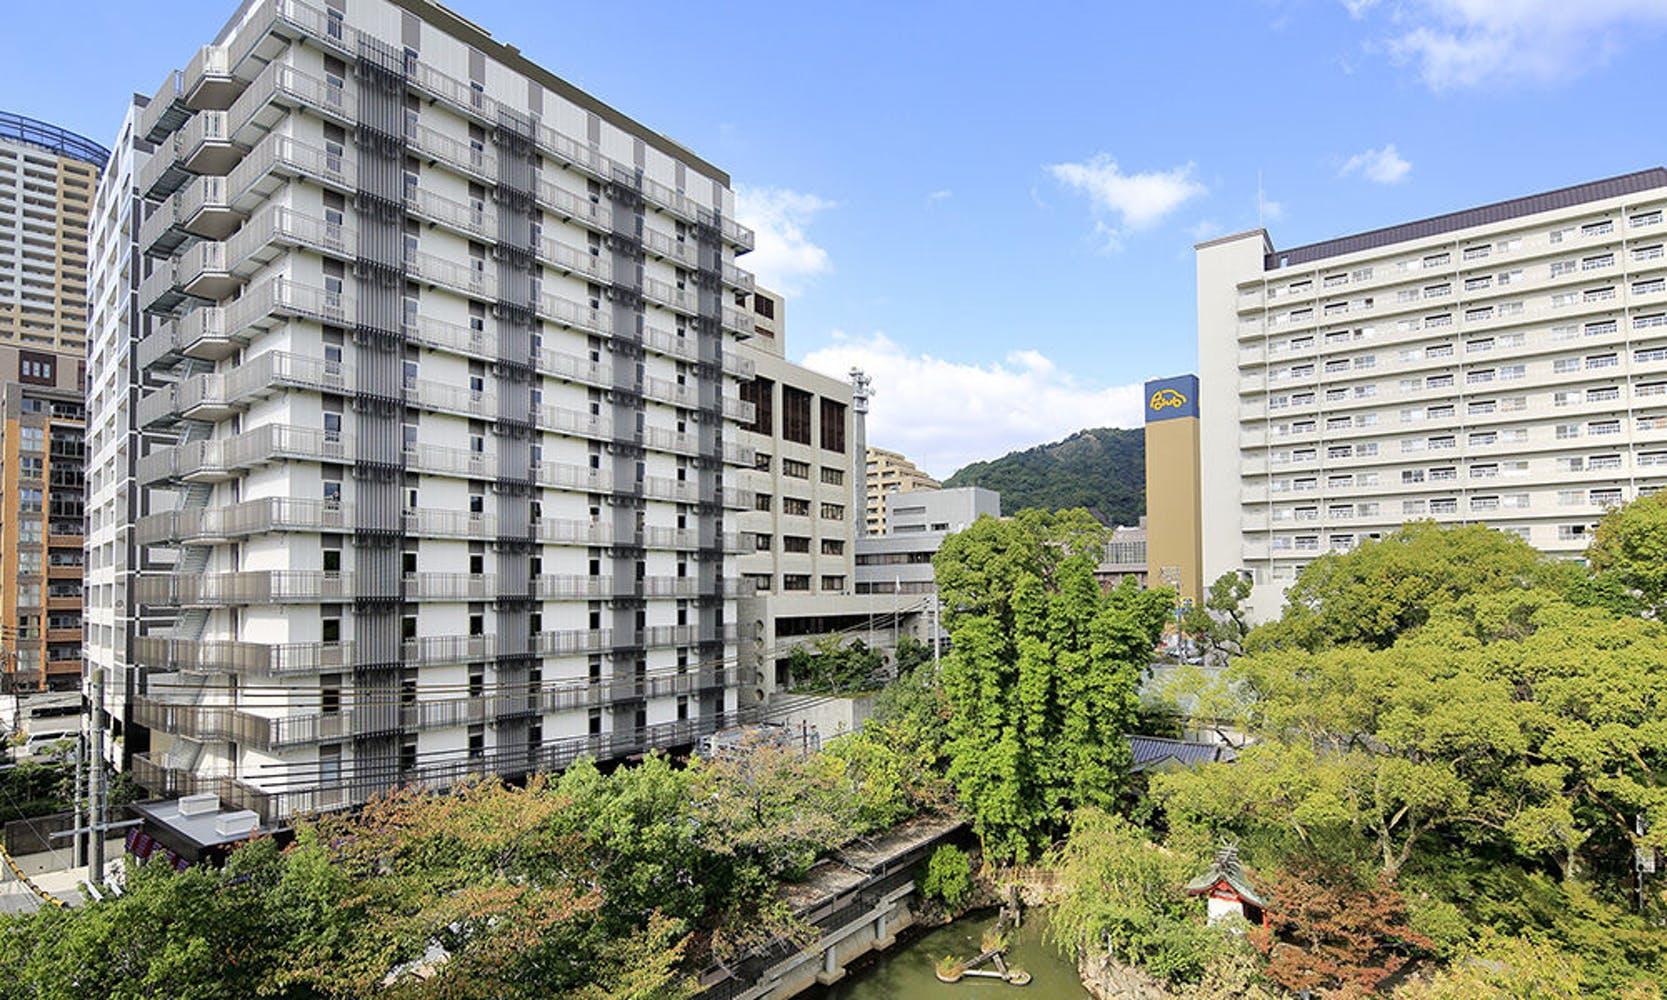 ホテルモンテエルマーナ神戸 アマリー 写真1